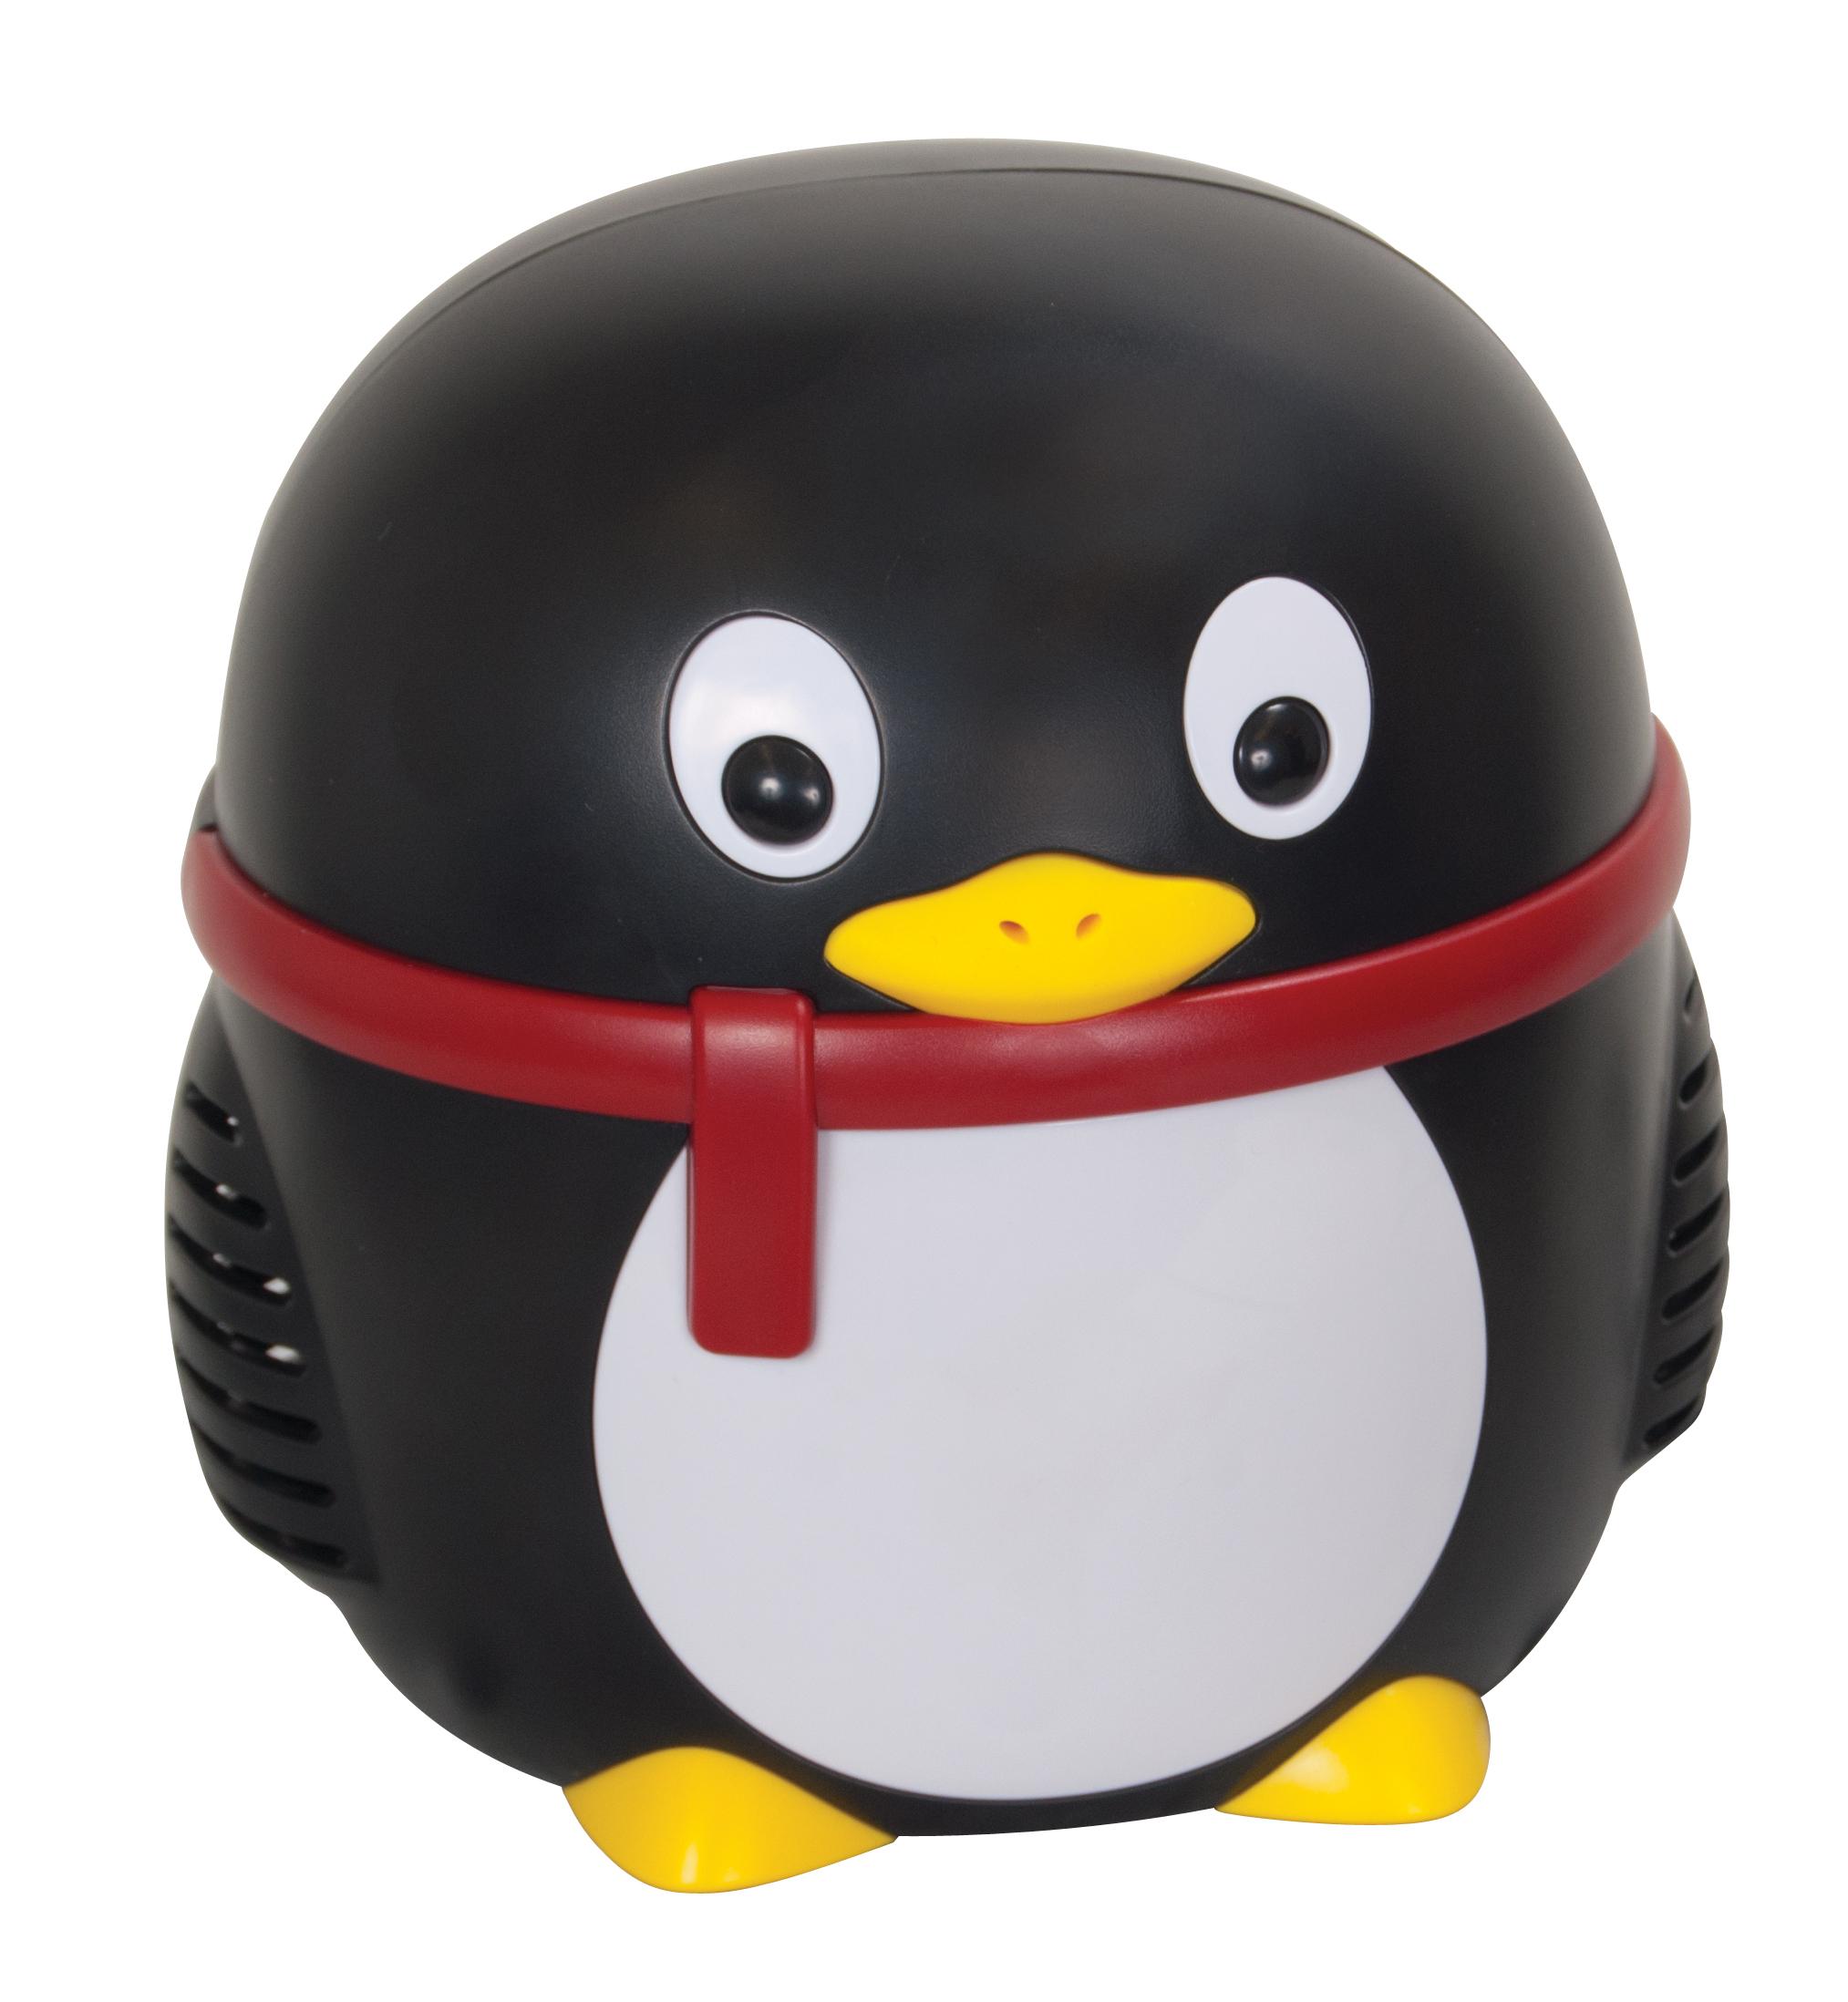 penguin-nebulizer-compressor-18090-pgkit-drive-medical-2.jpg